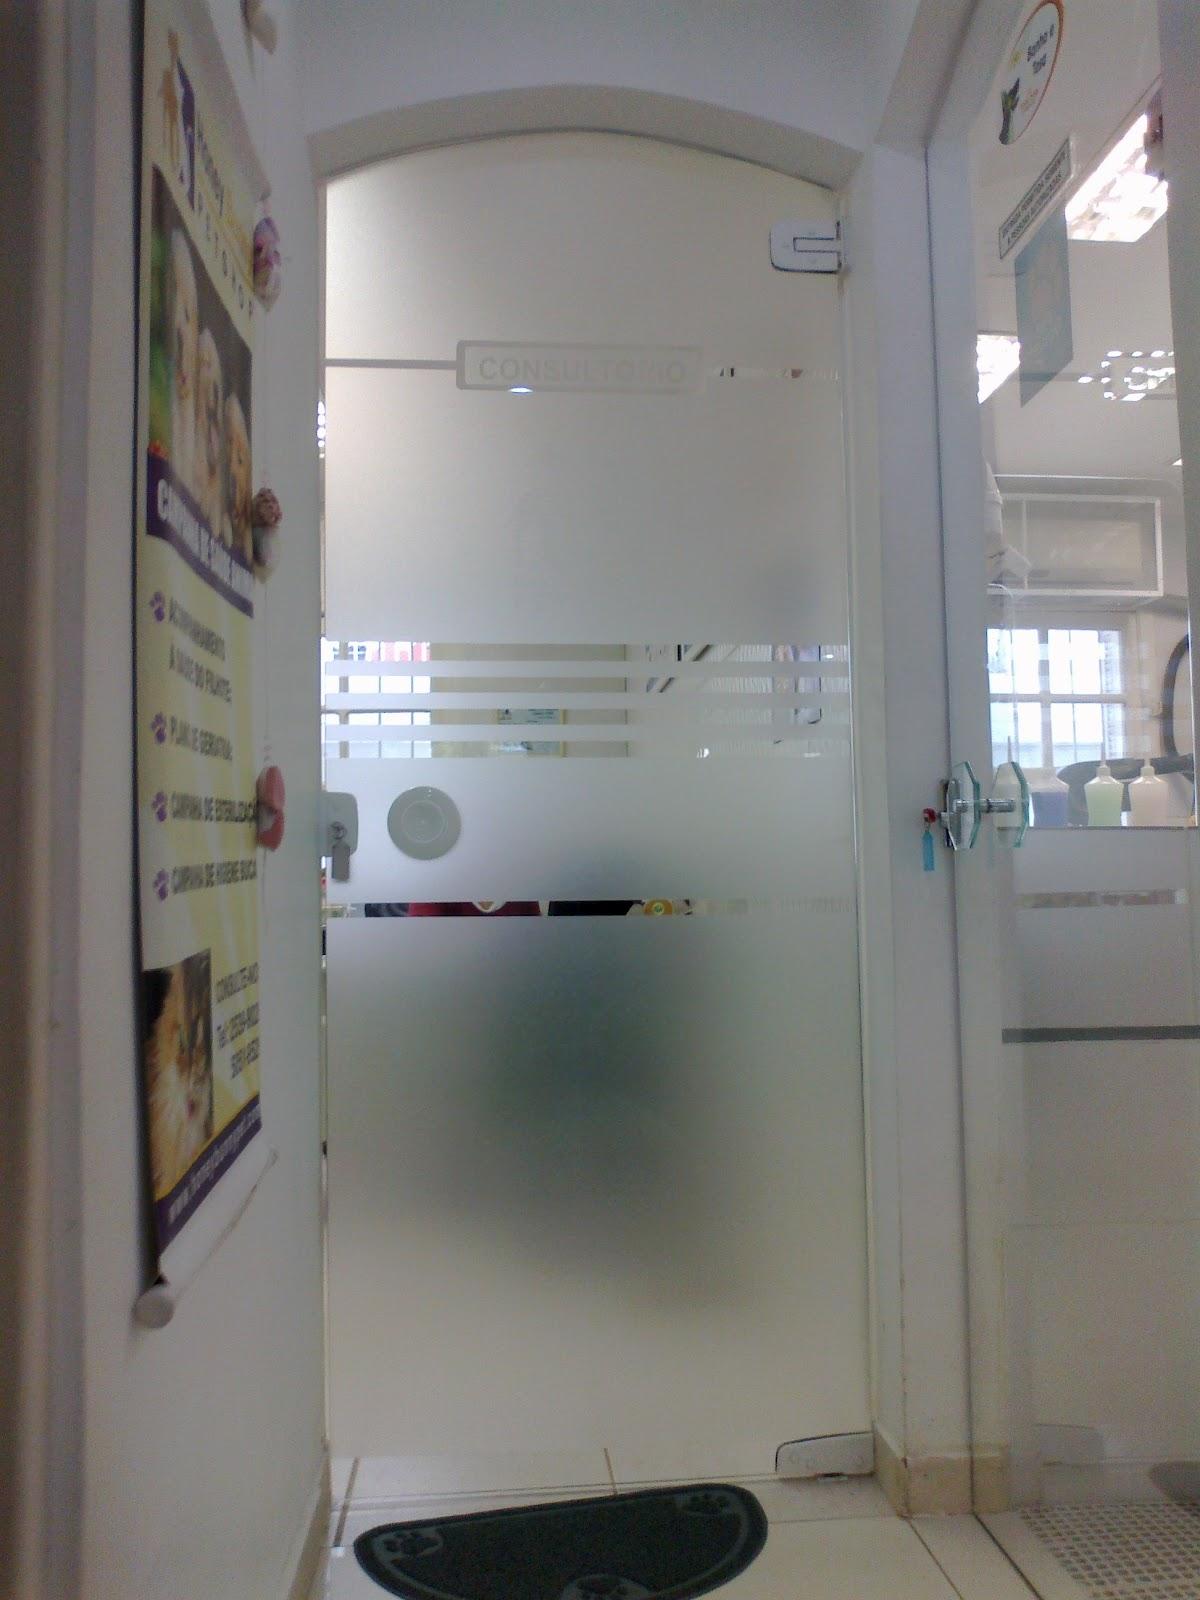 #5C4E46 Adesivo jateado para Porta de Vidro (Consultório Pet Shop) 1200x1600 px porta para banheiro de vidro jateado